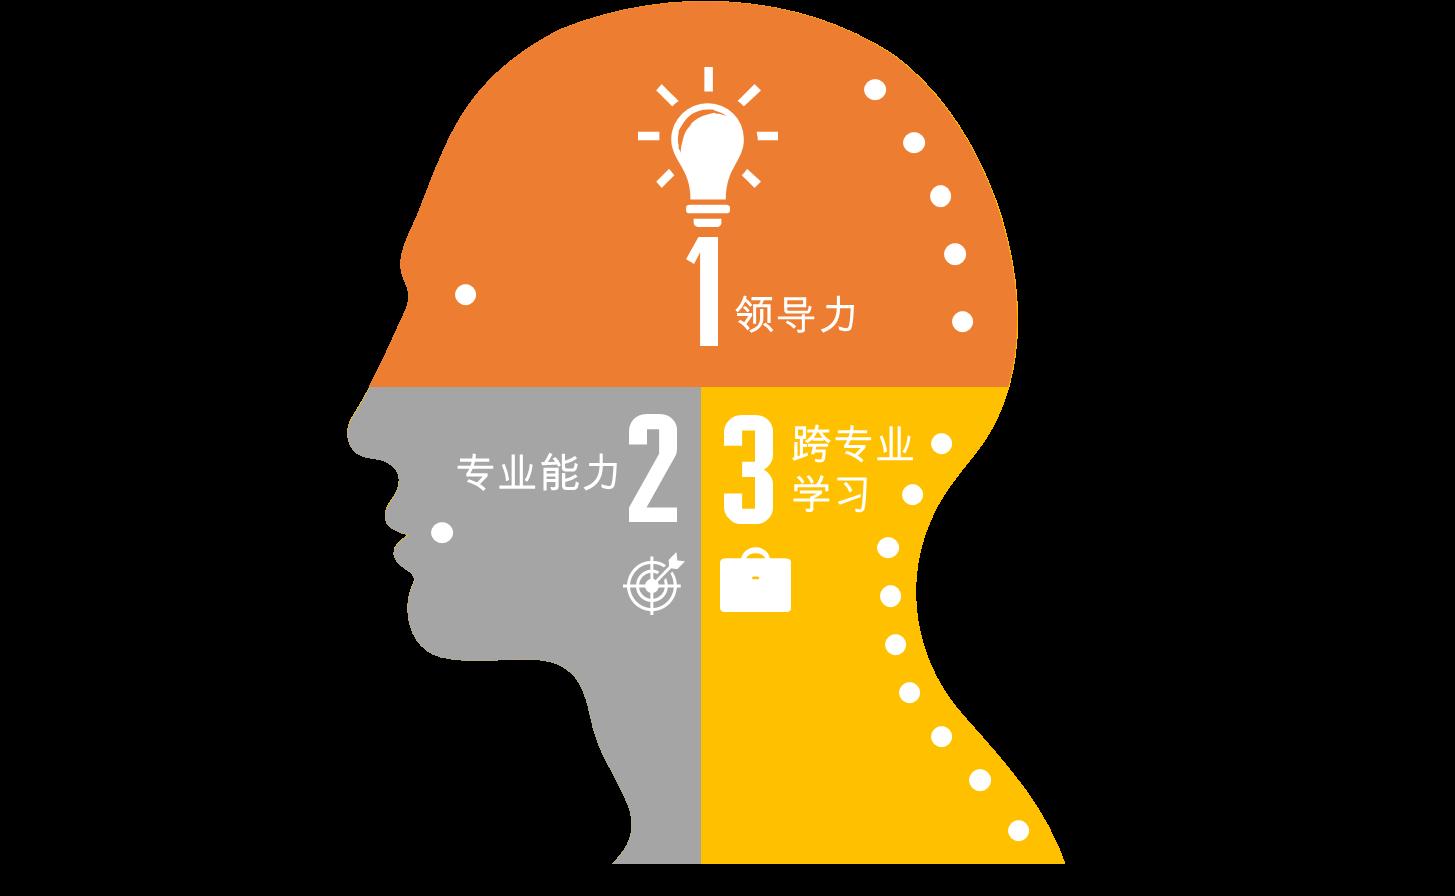 營銷總監勝任能力的課程設置模型